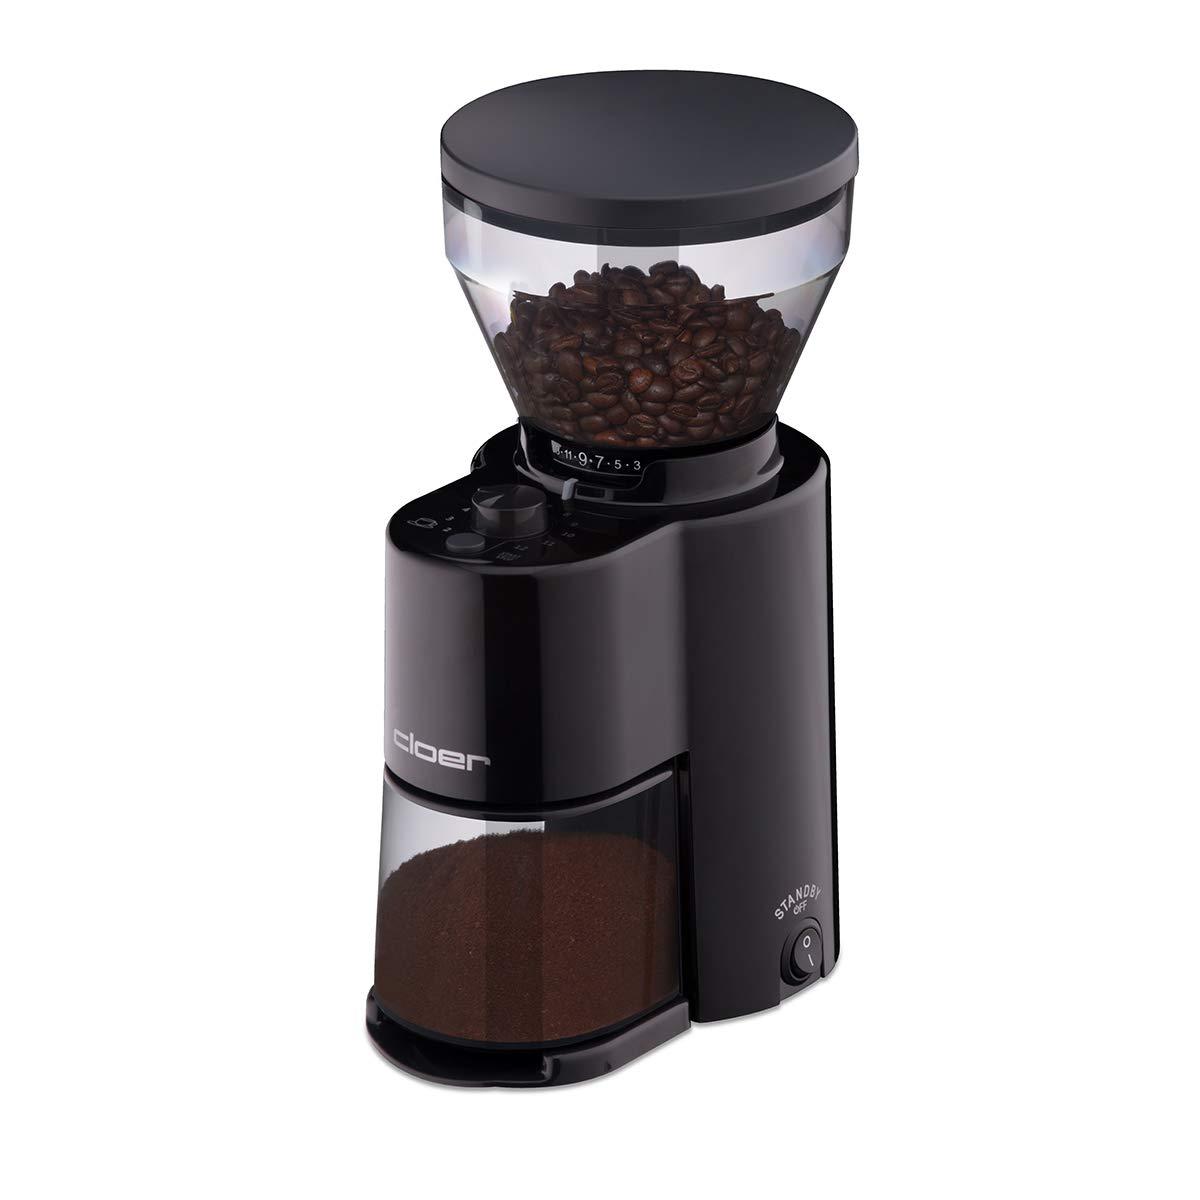 Cloer 7520 Elektrische Kaffeemühle mit Kegelmahlwerk aus Edelstahl, Stiftung Warentest gut, 2-12 Tassen, 300 g…